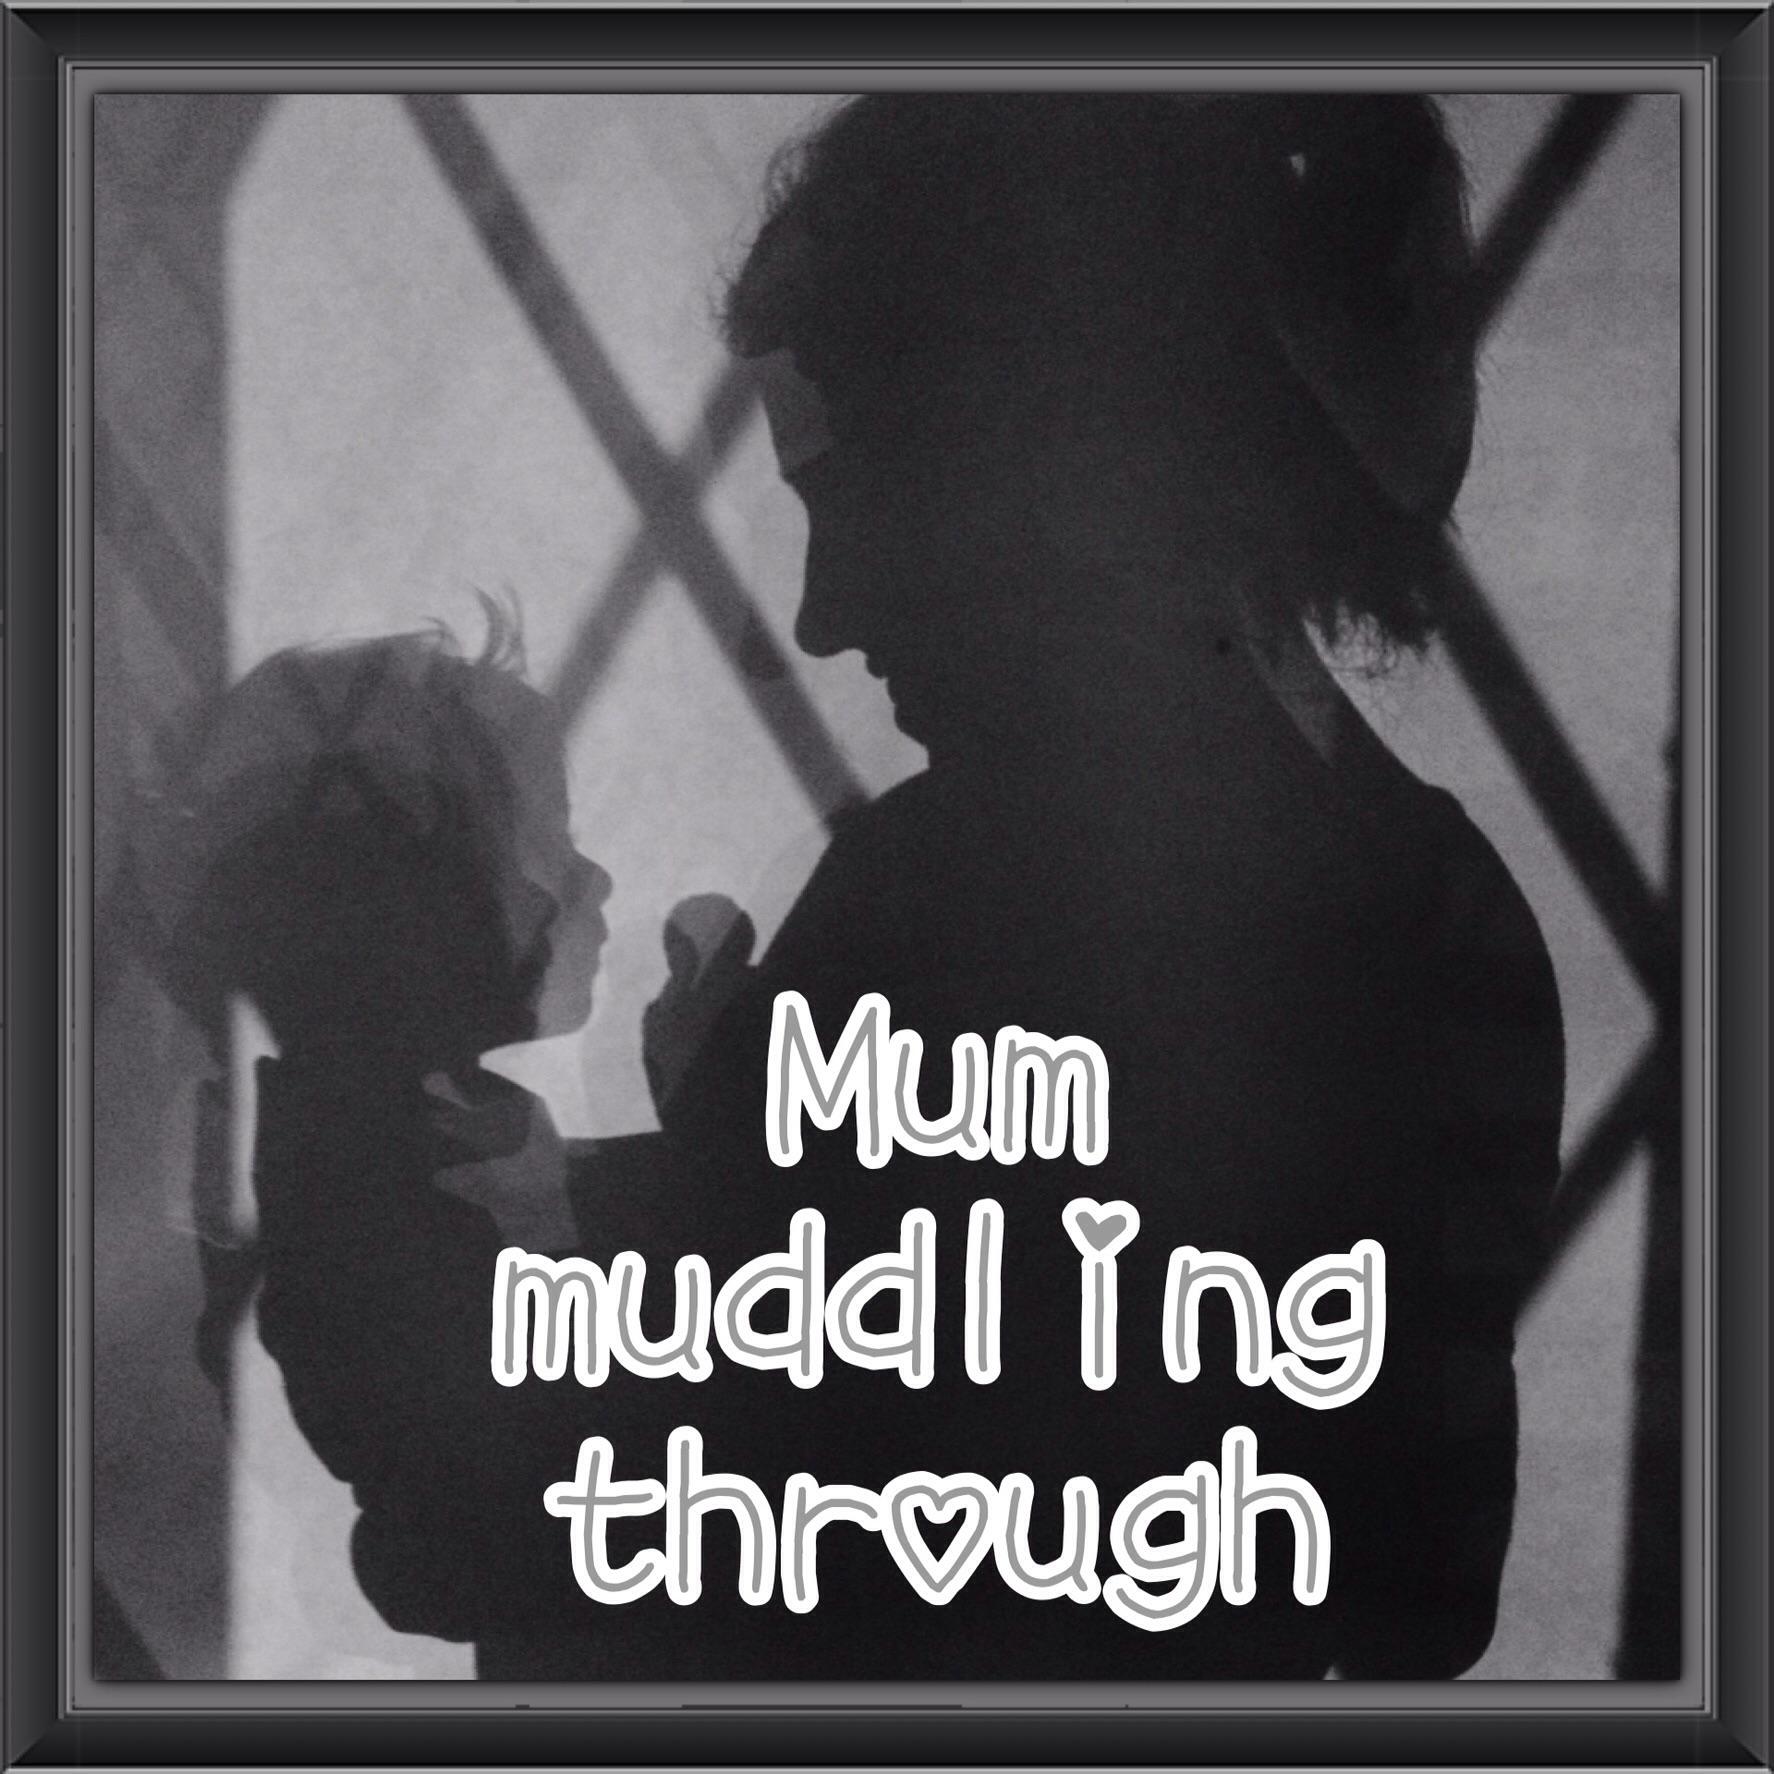 mummuddlingthrough